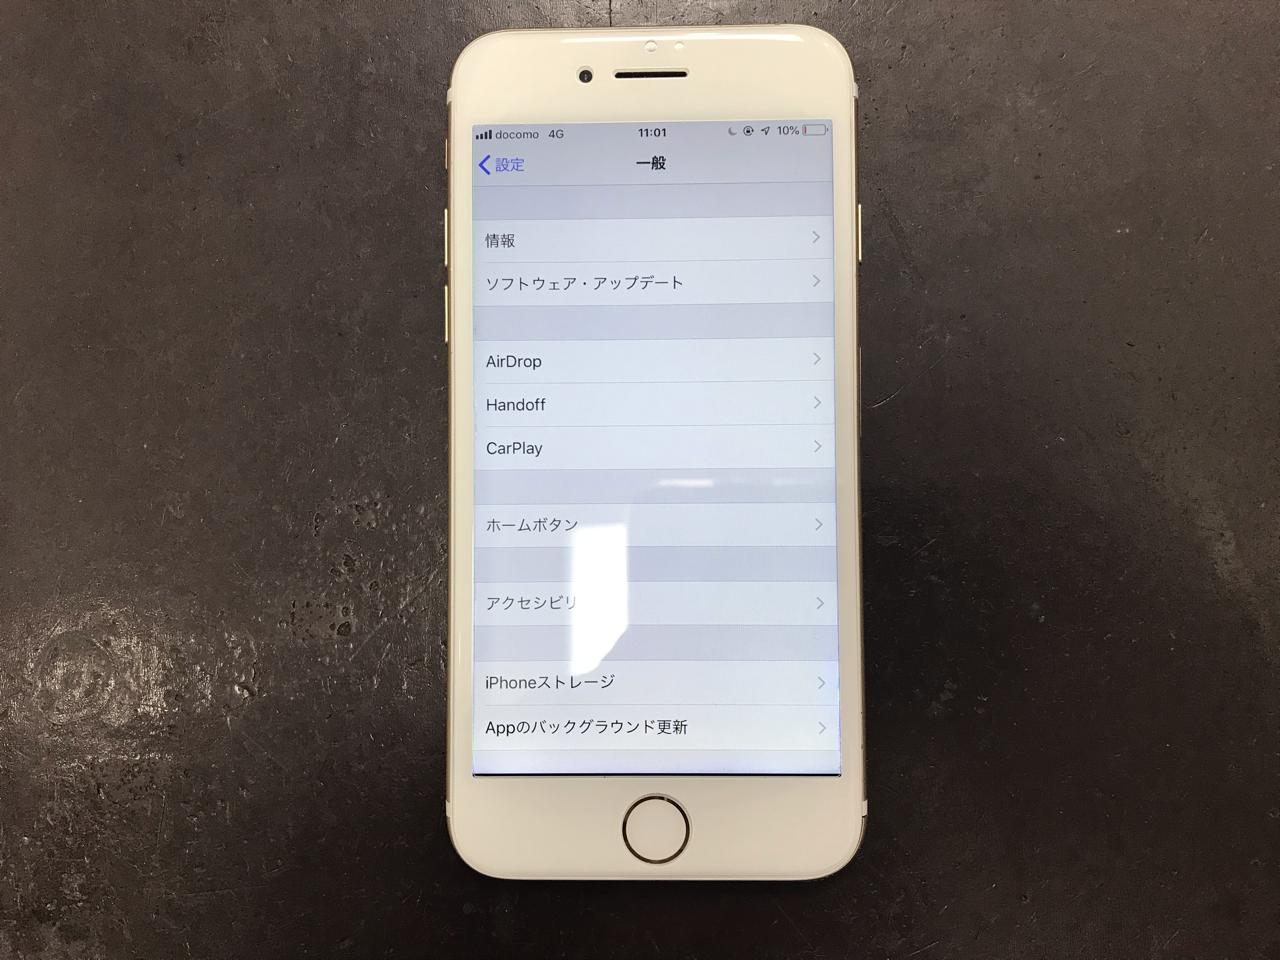 70b3c0f5-5e6e-4166-85f3-deb51068ae9d_1551056364_1815019210 落下によって画面が映らなくなってしまったiPhone6Sの修理をしました!